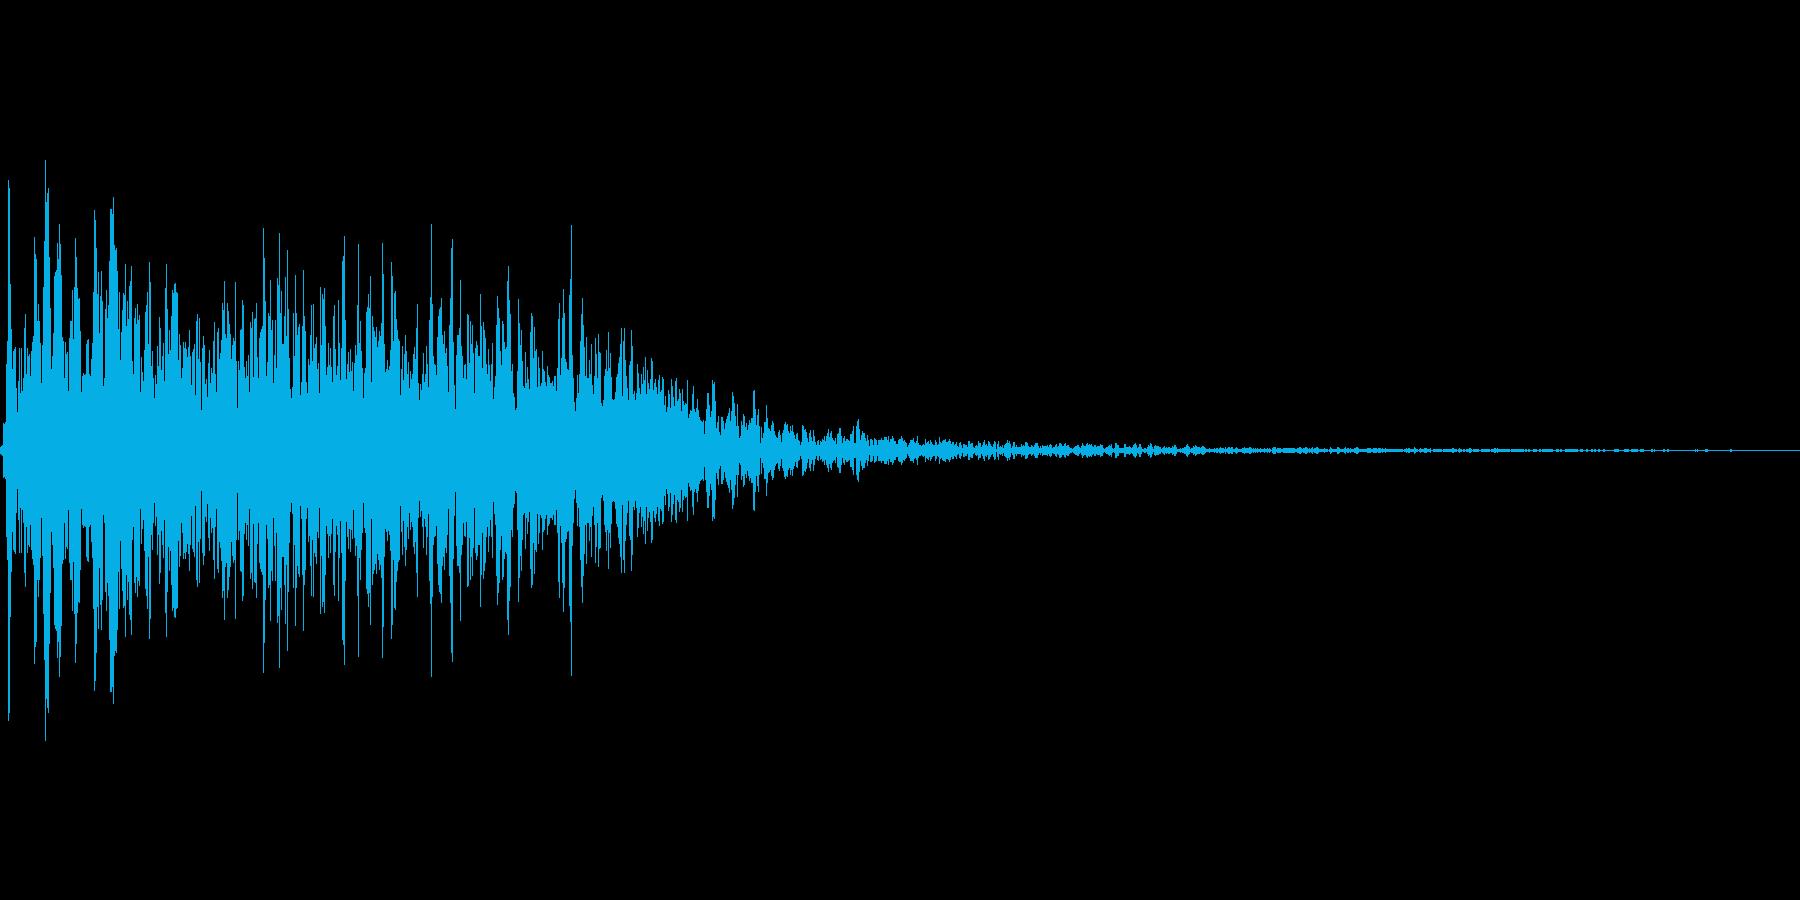 吹きすさぶ風・竜巻系の魔法(高レベル)mの再生済みの波形